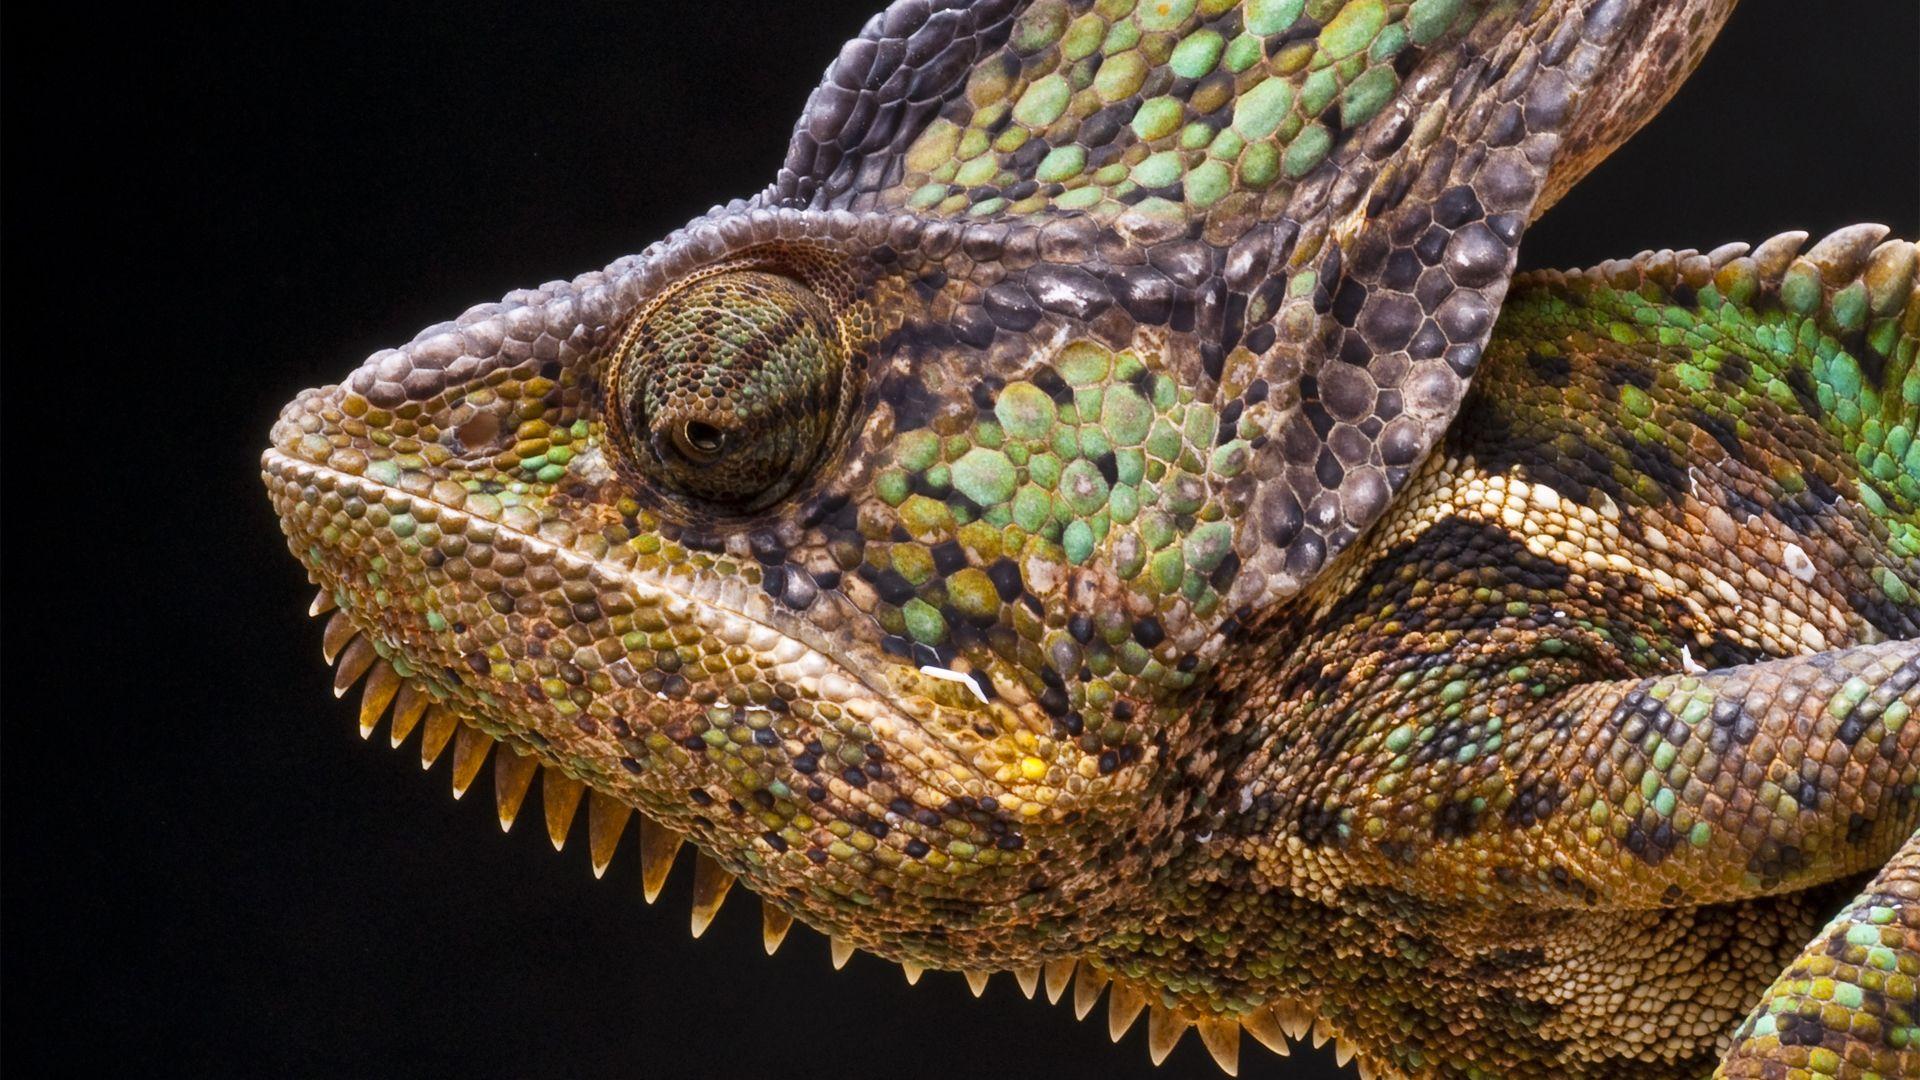 Lizard Chameleon